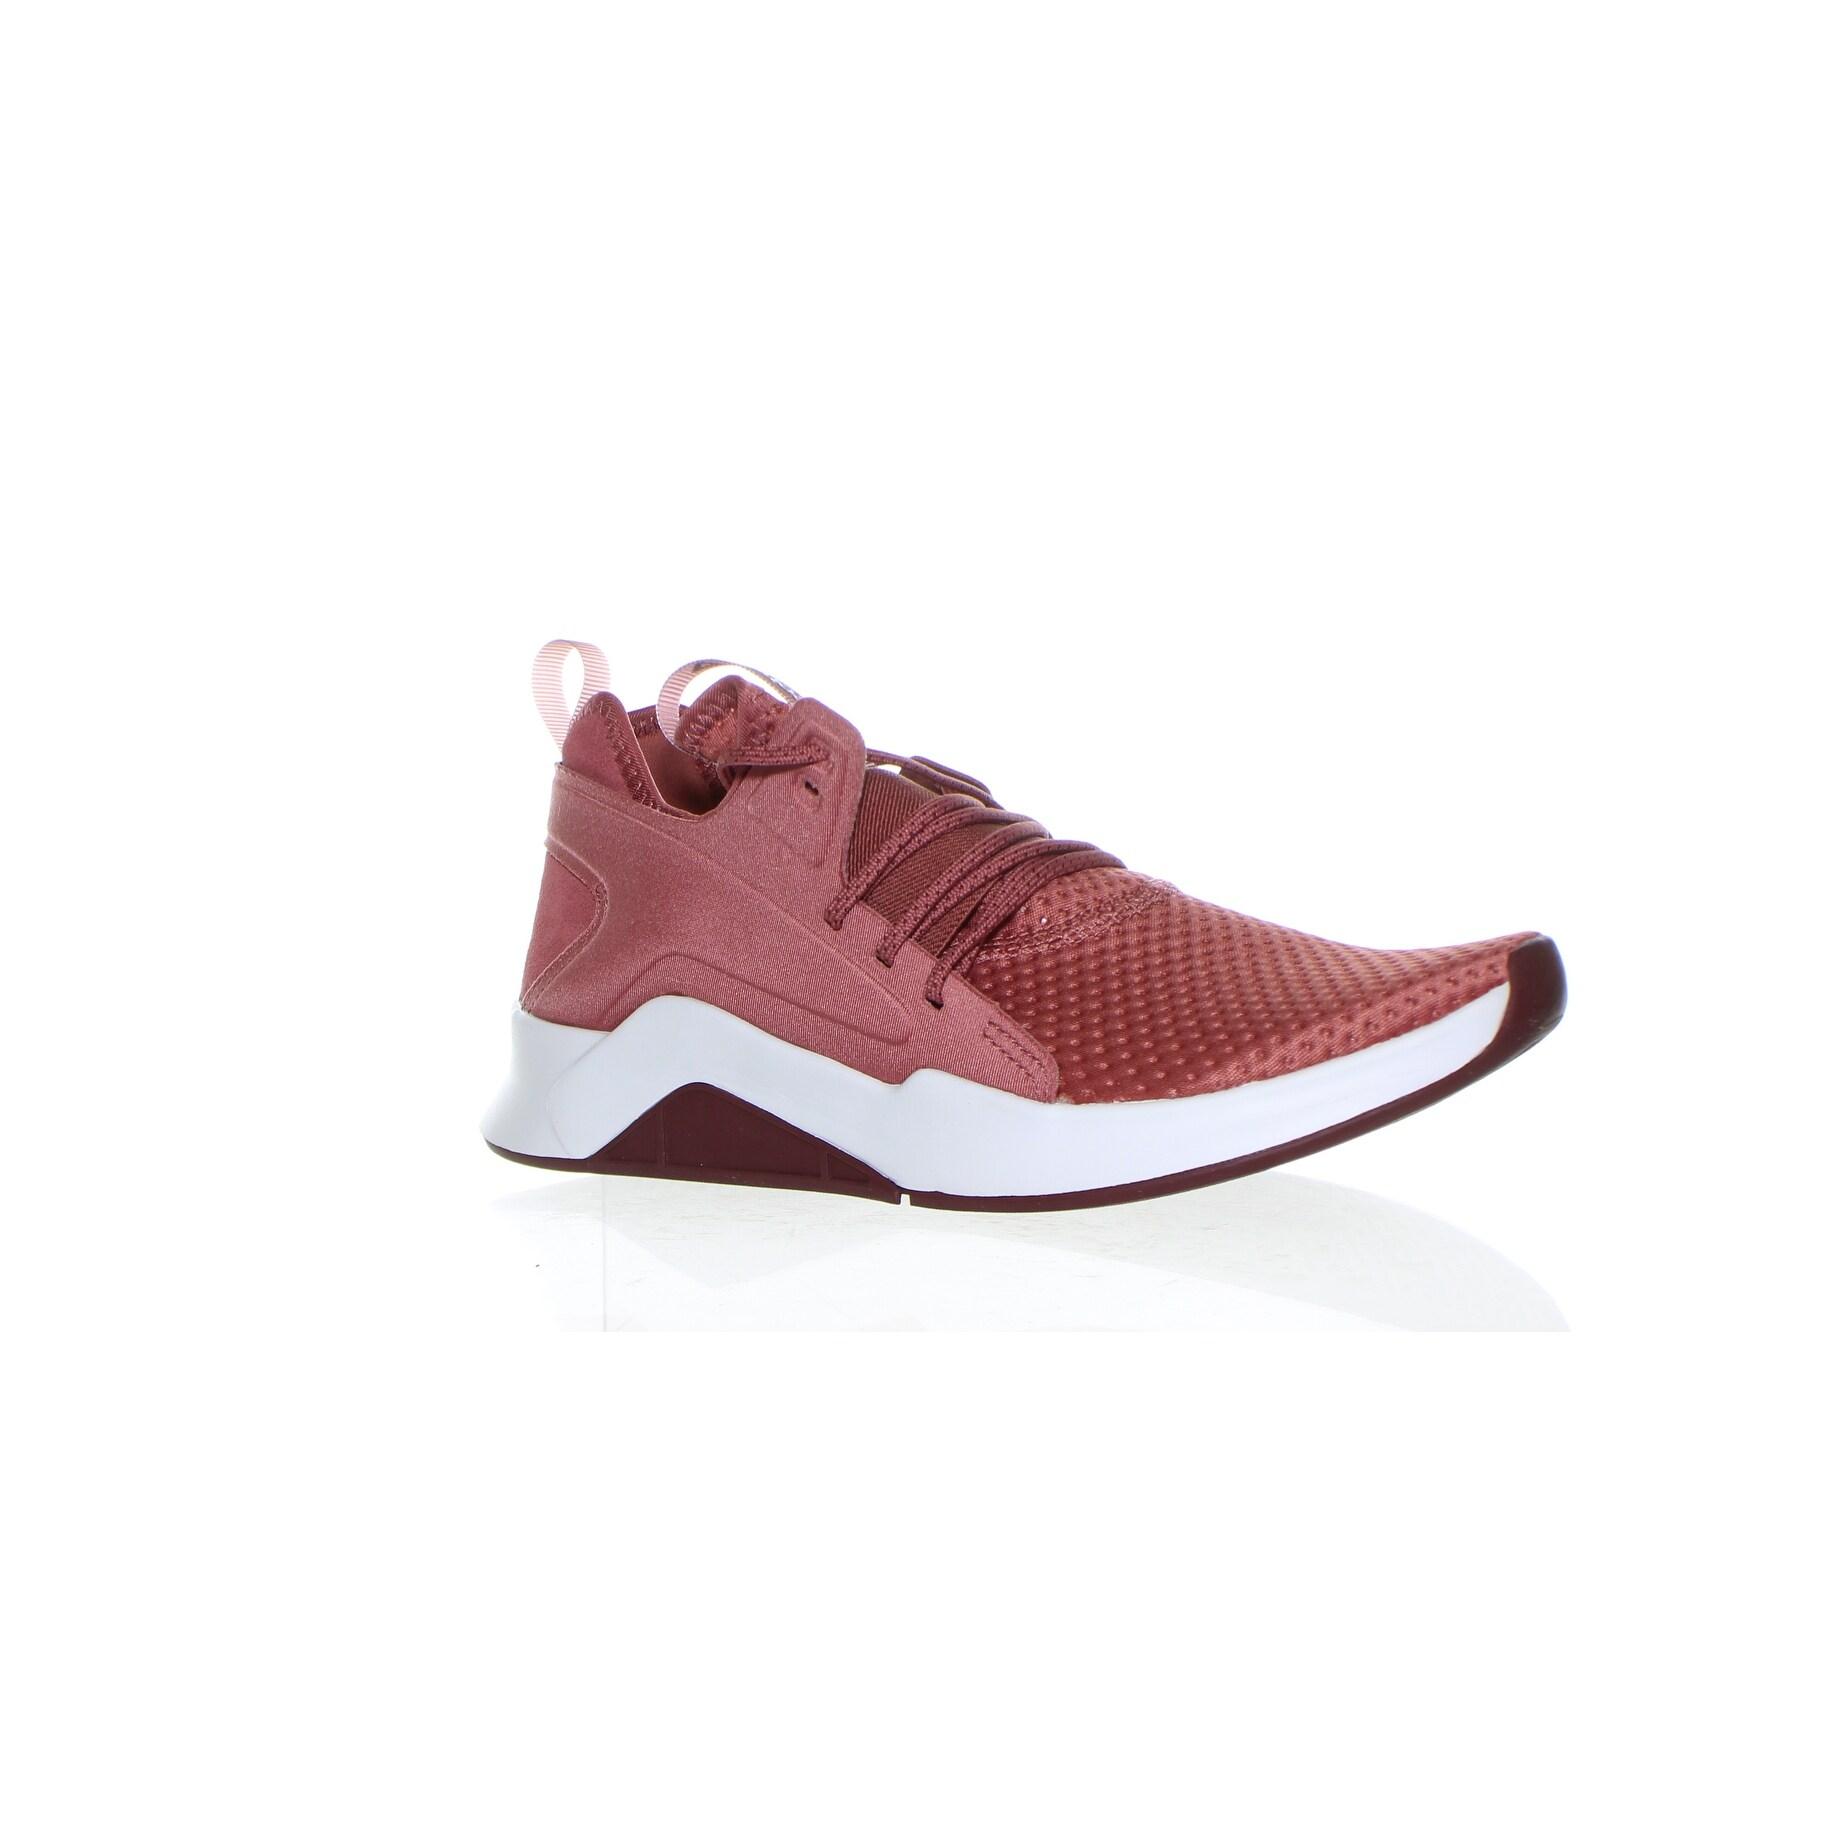 Reebok Womens Guresu RoseWhite Dance Shoes Size 9.5